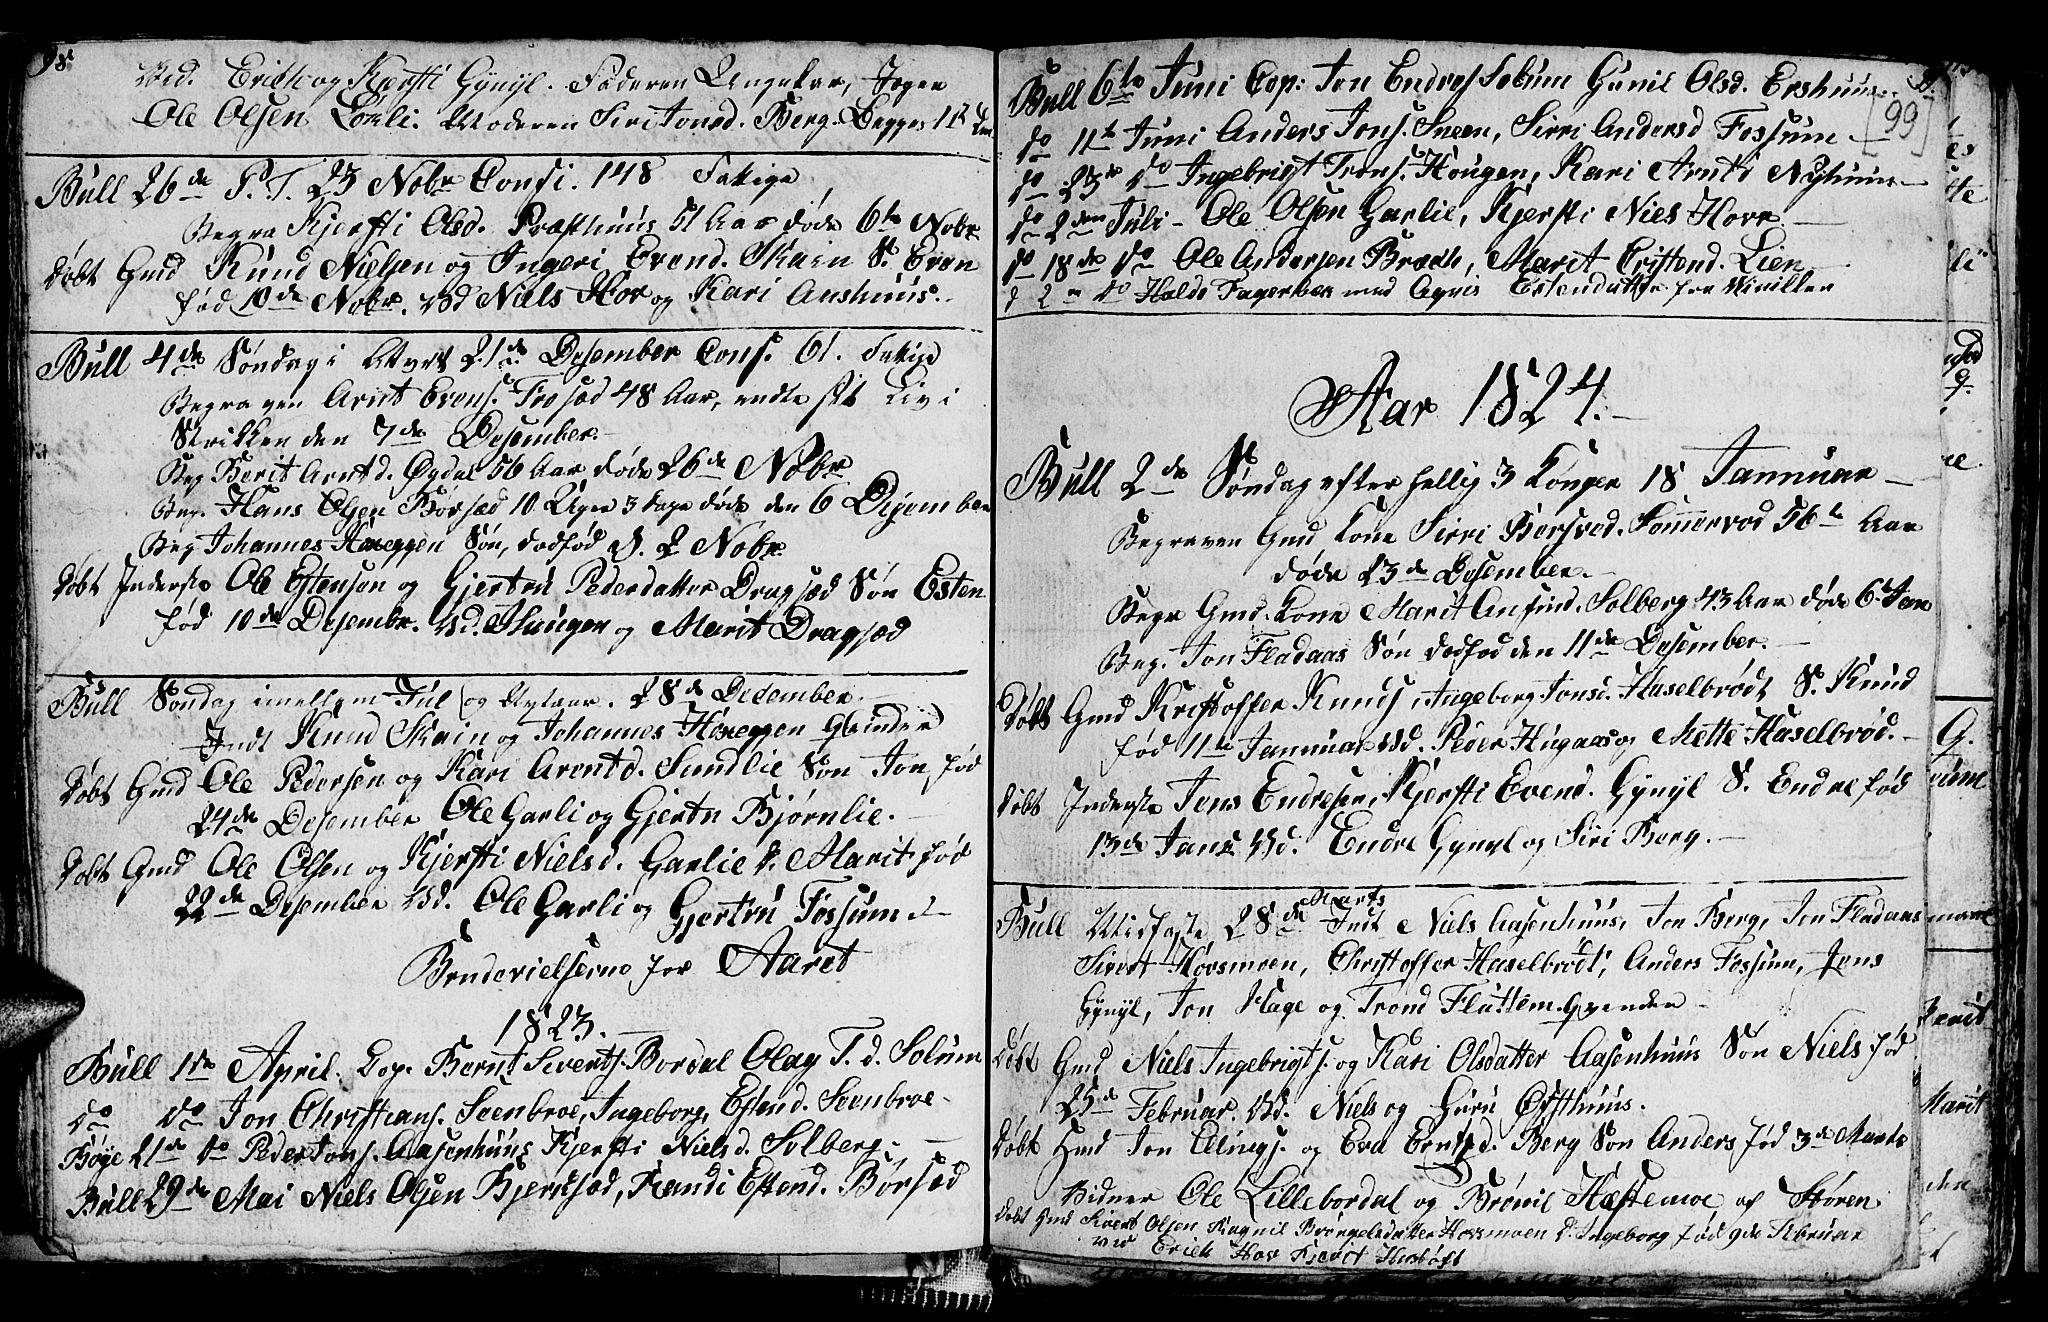 SAT, Ministerialprotokoller, klokkerbøker og fødselsregistre - Sør-Trøndelag, 689/L1042: Klokkerbok nr. 689C01, 1812-1841, s. 98-99